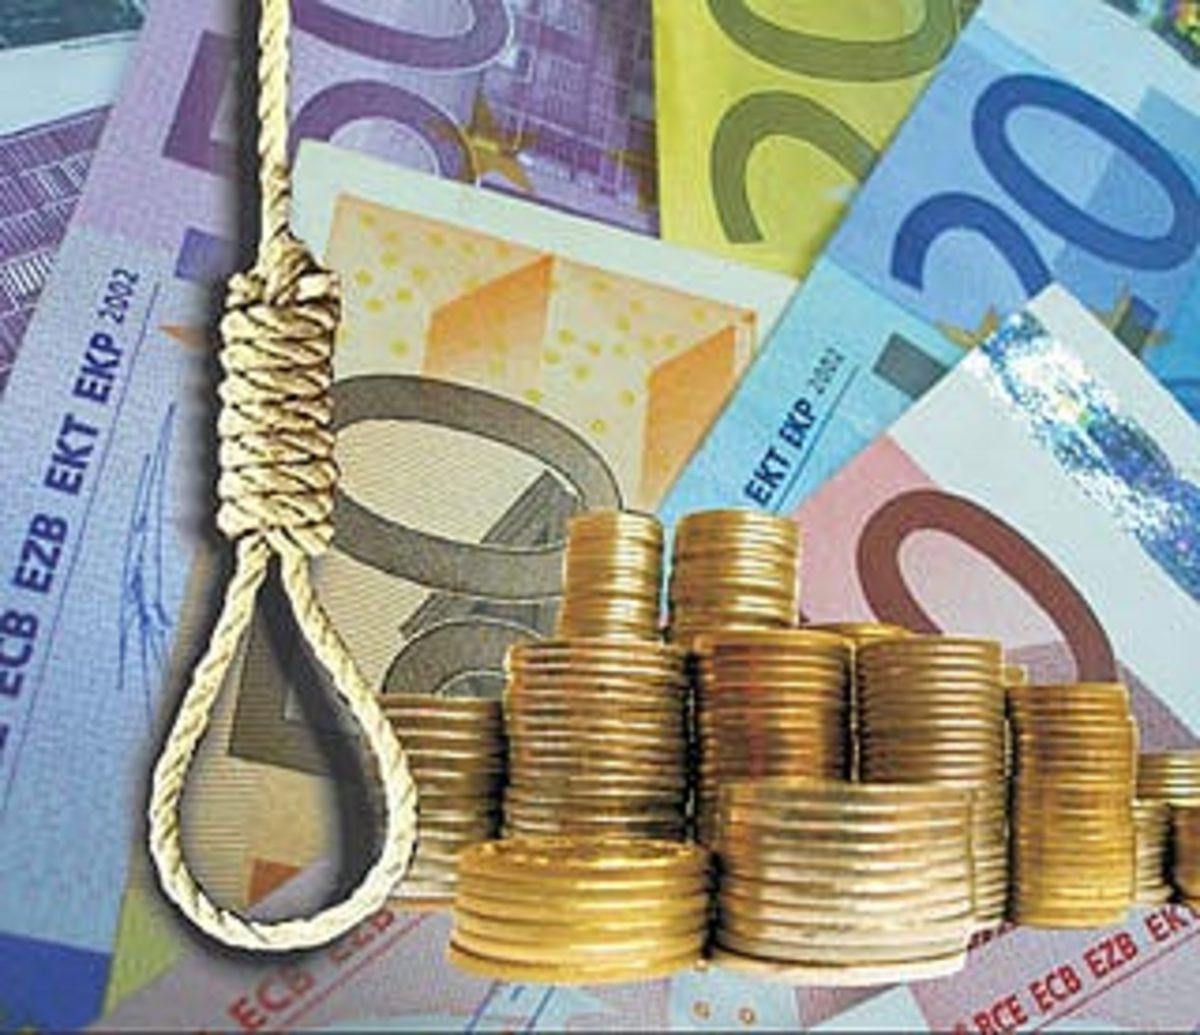 Ηράκλειο: »Συγγνώμη πατέρα αλλά δεν μπορώ να ζήσω άλλο» έγραψε και αυτοκτόνησε! | Newsit.gr